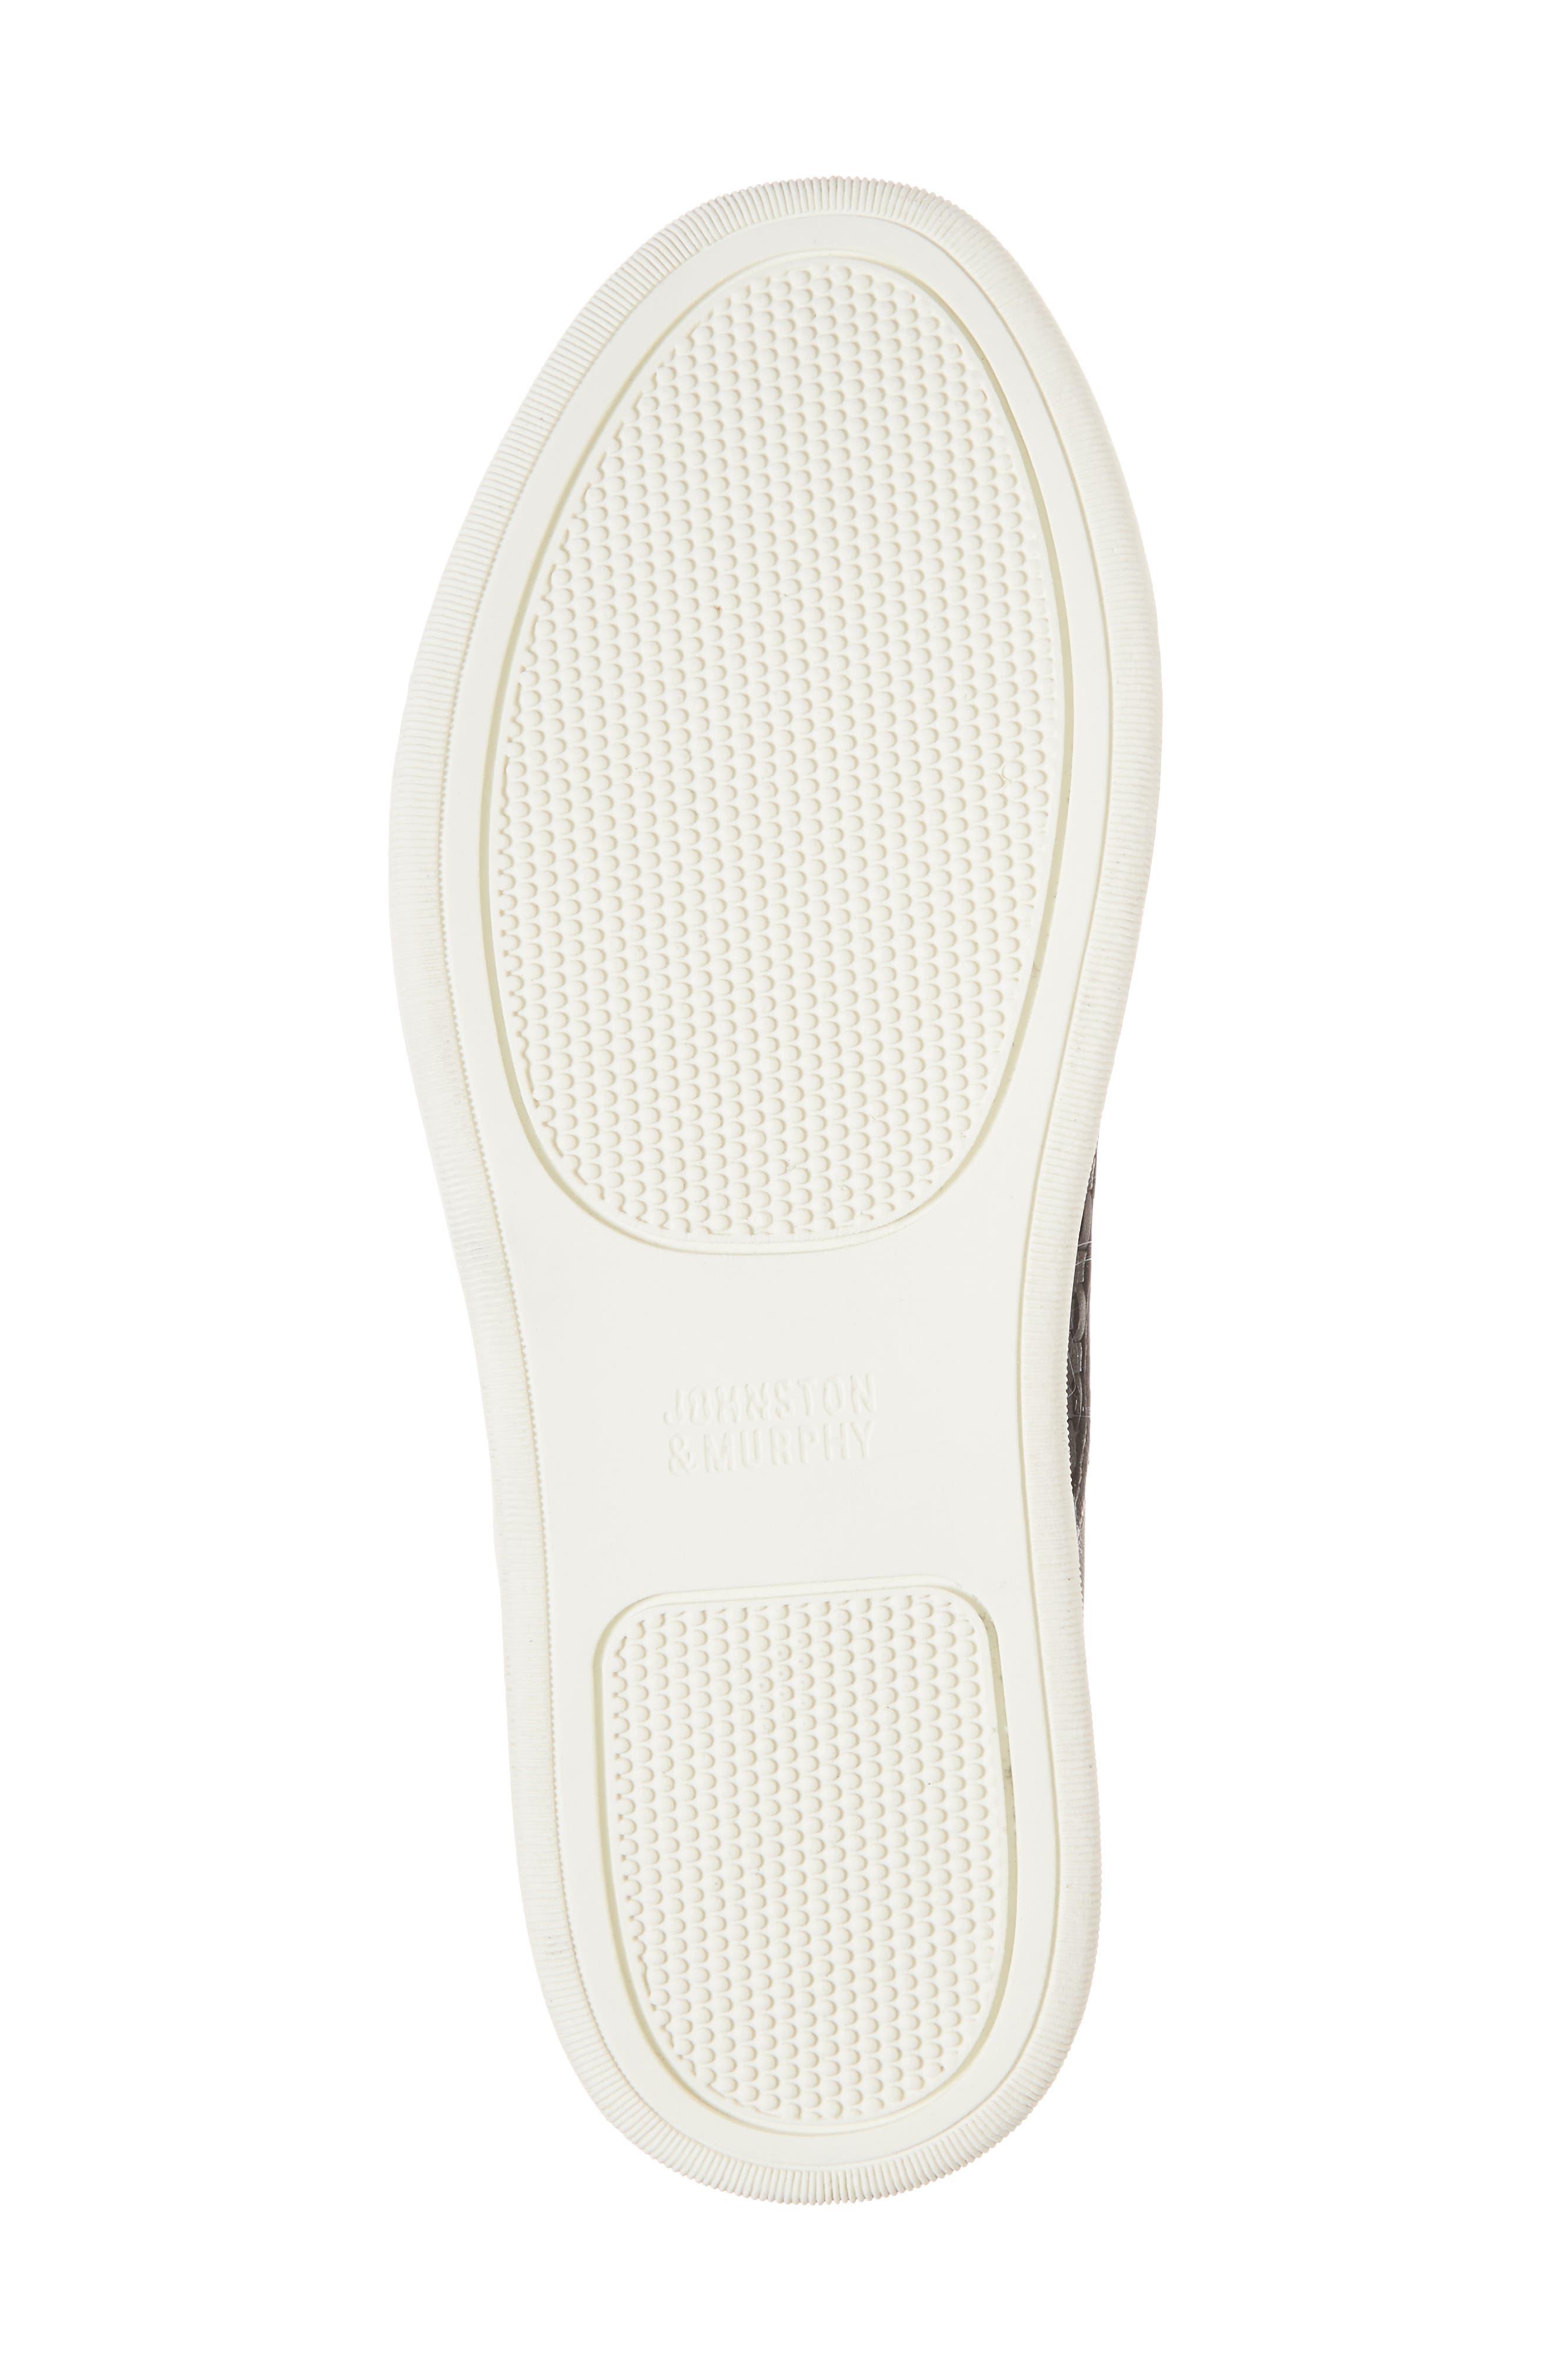 JOHNSTON & MURPHY, Evie Slip-On Sneaker, Alternate thumbnail 6, color, BLACK LEATHER